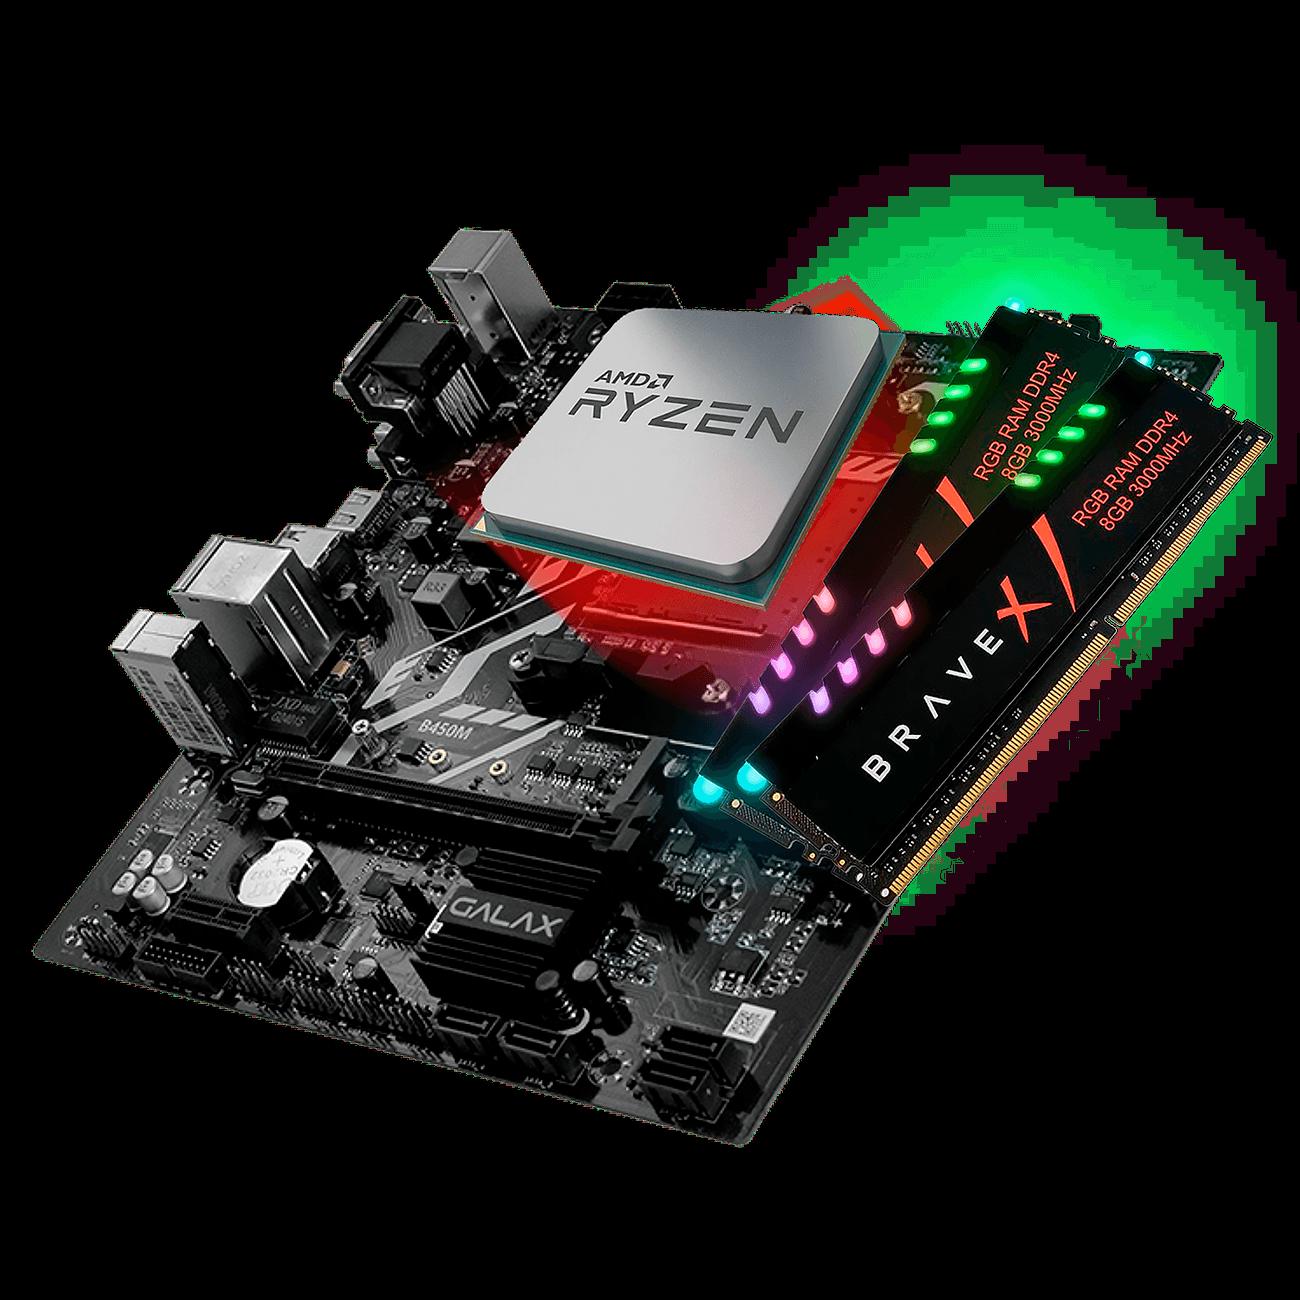 Kit Upgrade Galax B450M, Ryzen 5 3600, 16GB DDR4 - 636563